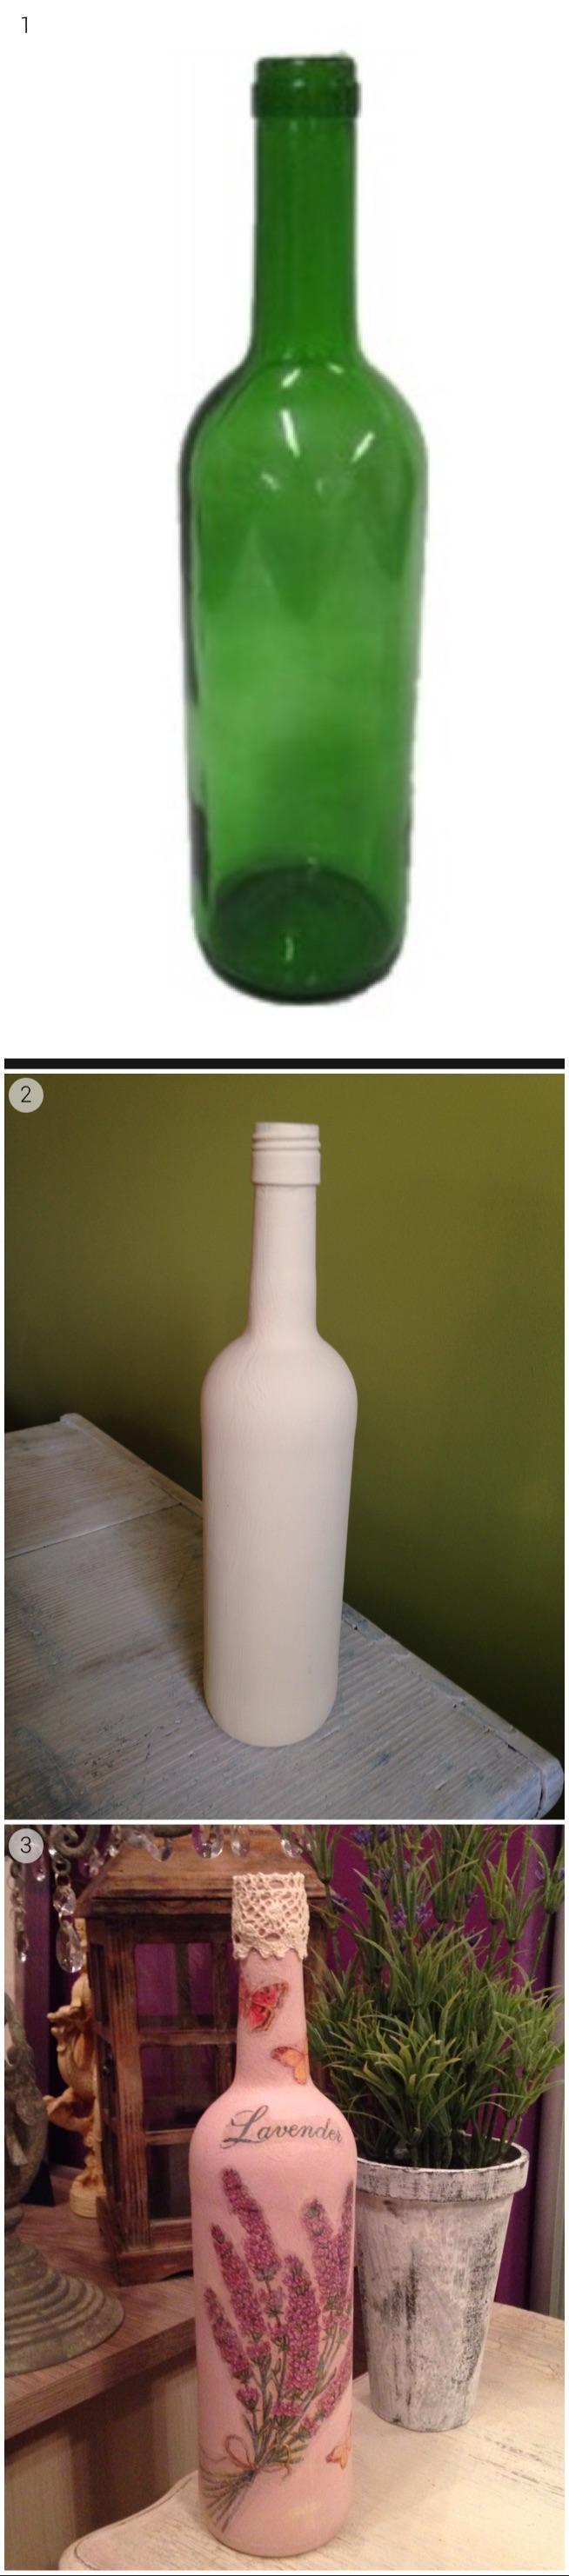 butelka po winie i decoupage